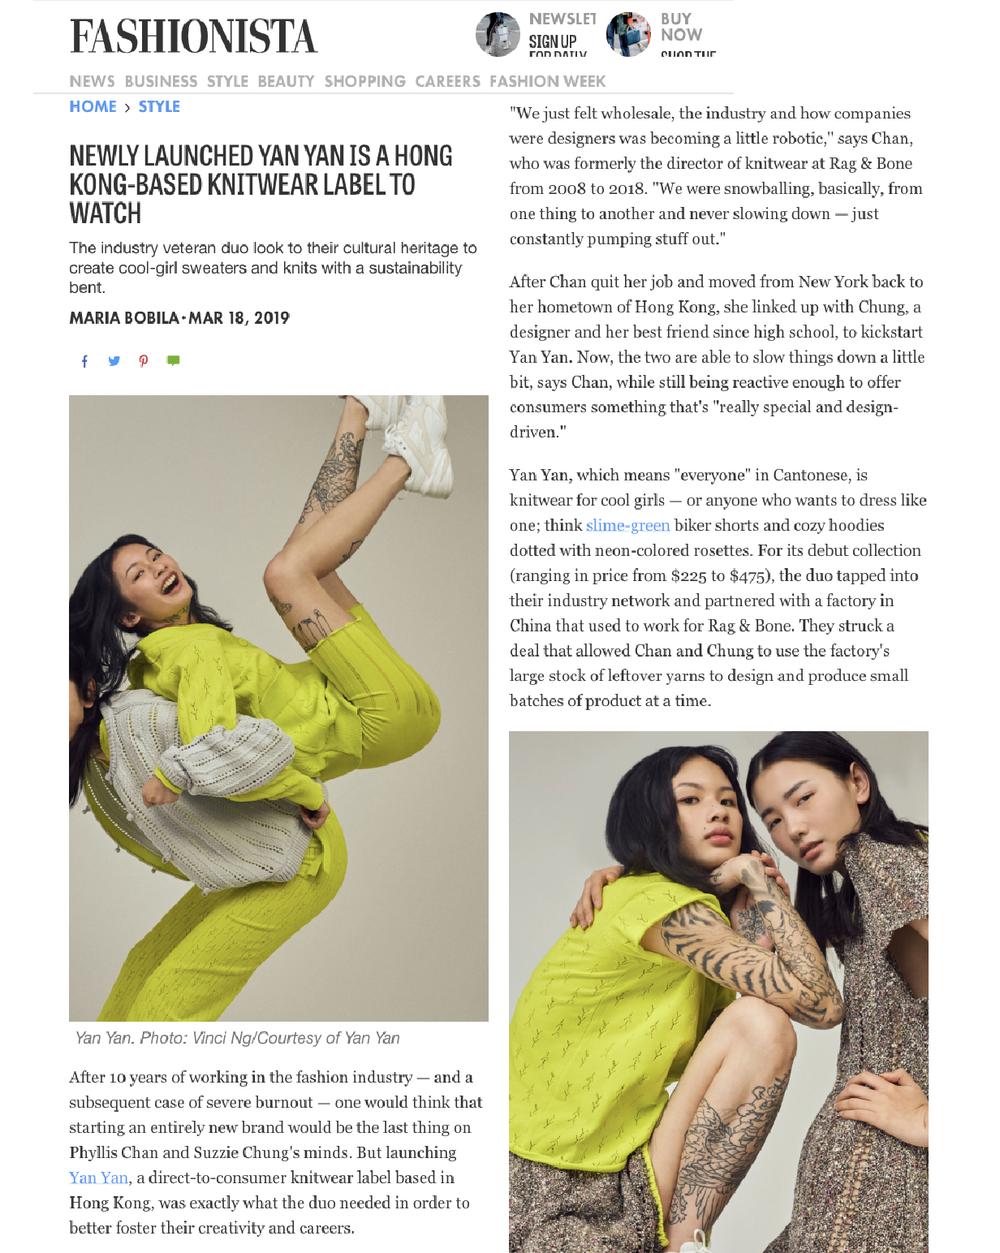 https://fashionista.com/2019/03/yan-yan-knitwear